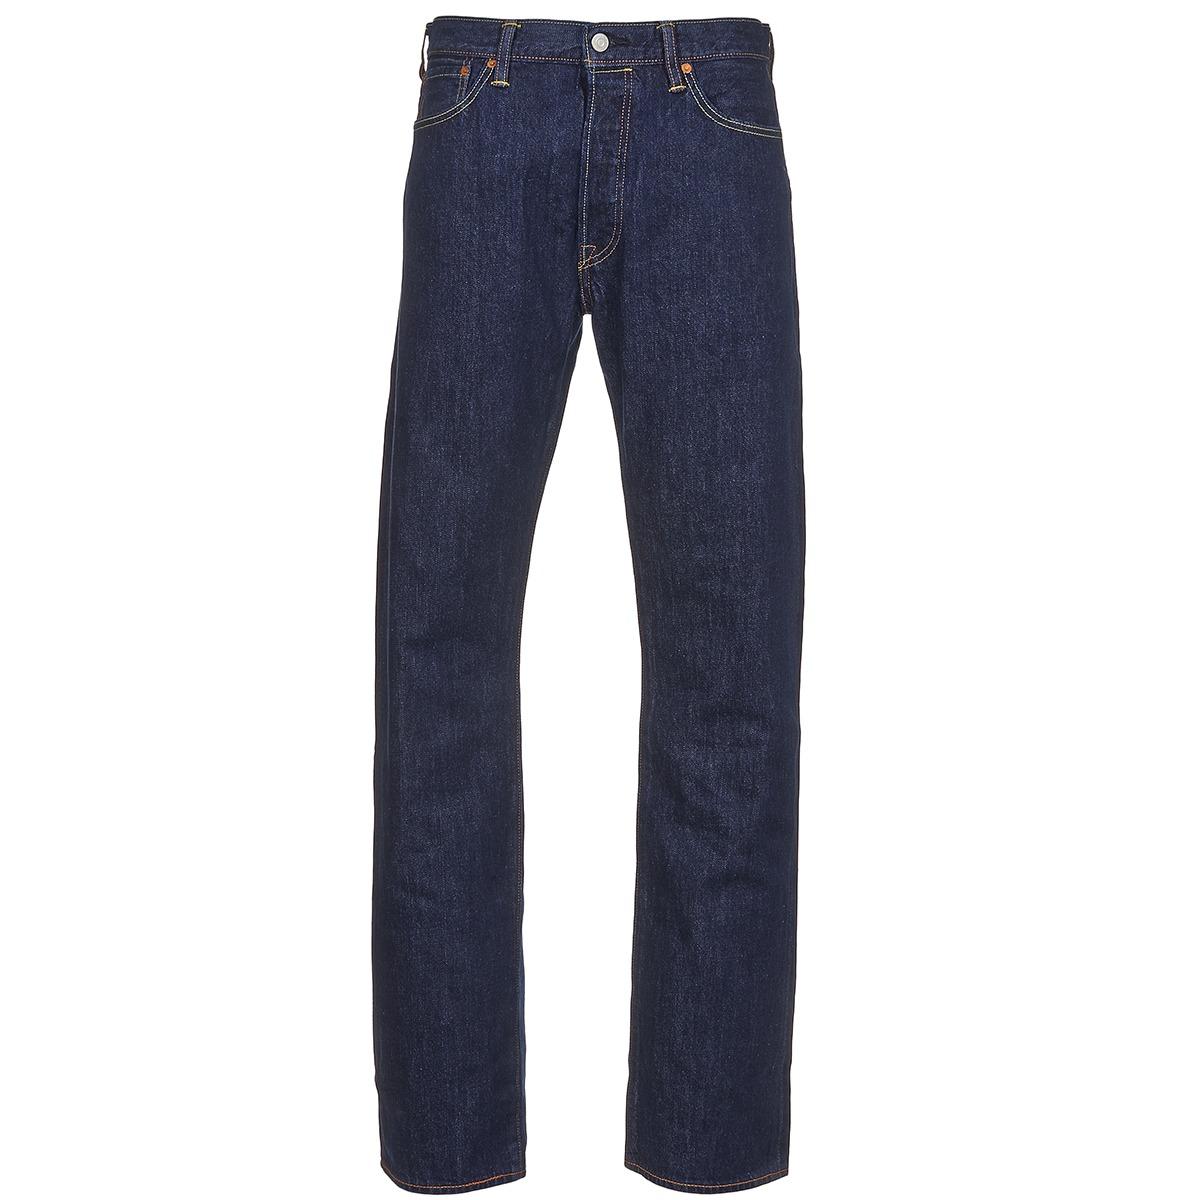 2e28f497d Levi s 501 LEVIS ORIGINAL FIT Azul - Entrega gratuita com a Spartoo.pt ! -  Textil Calças Jeans Homem 91